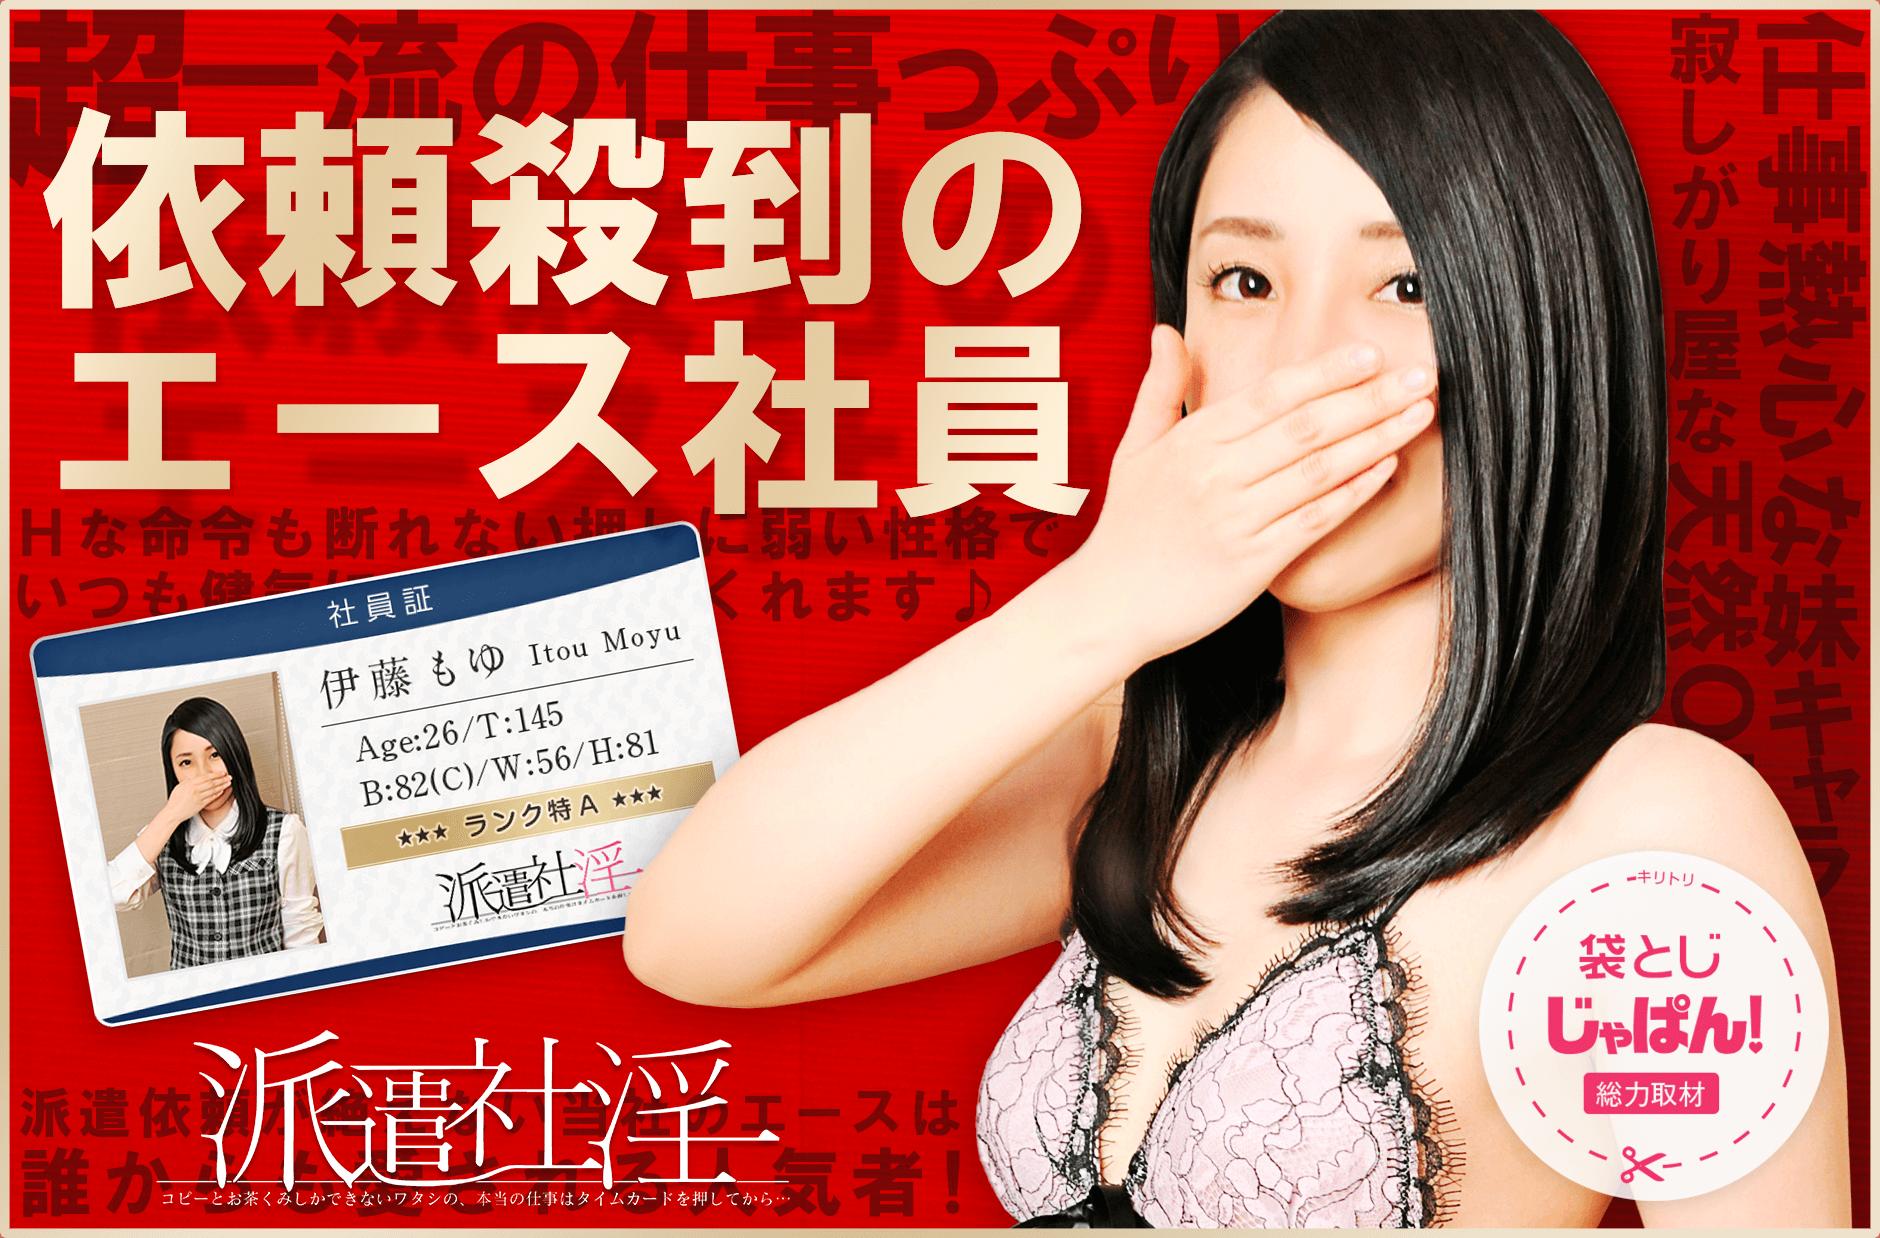 袋とじじゃぱん!総力取材 派遣社淫 伊藤もゆ(26) B82(C)/W56/H81